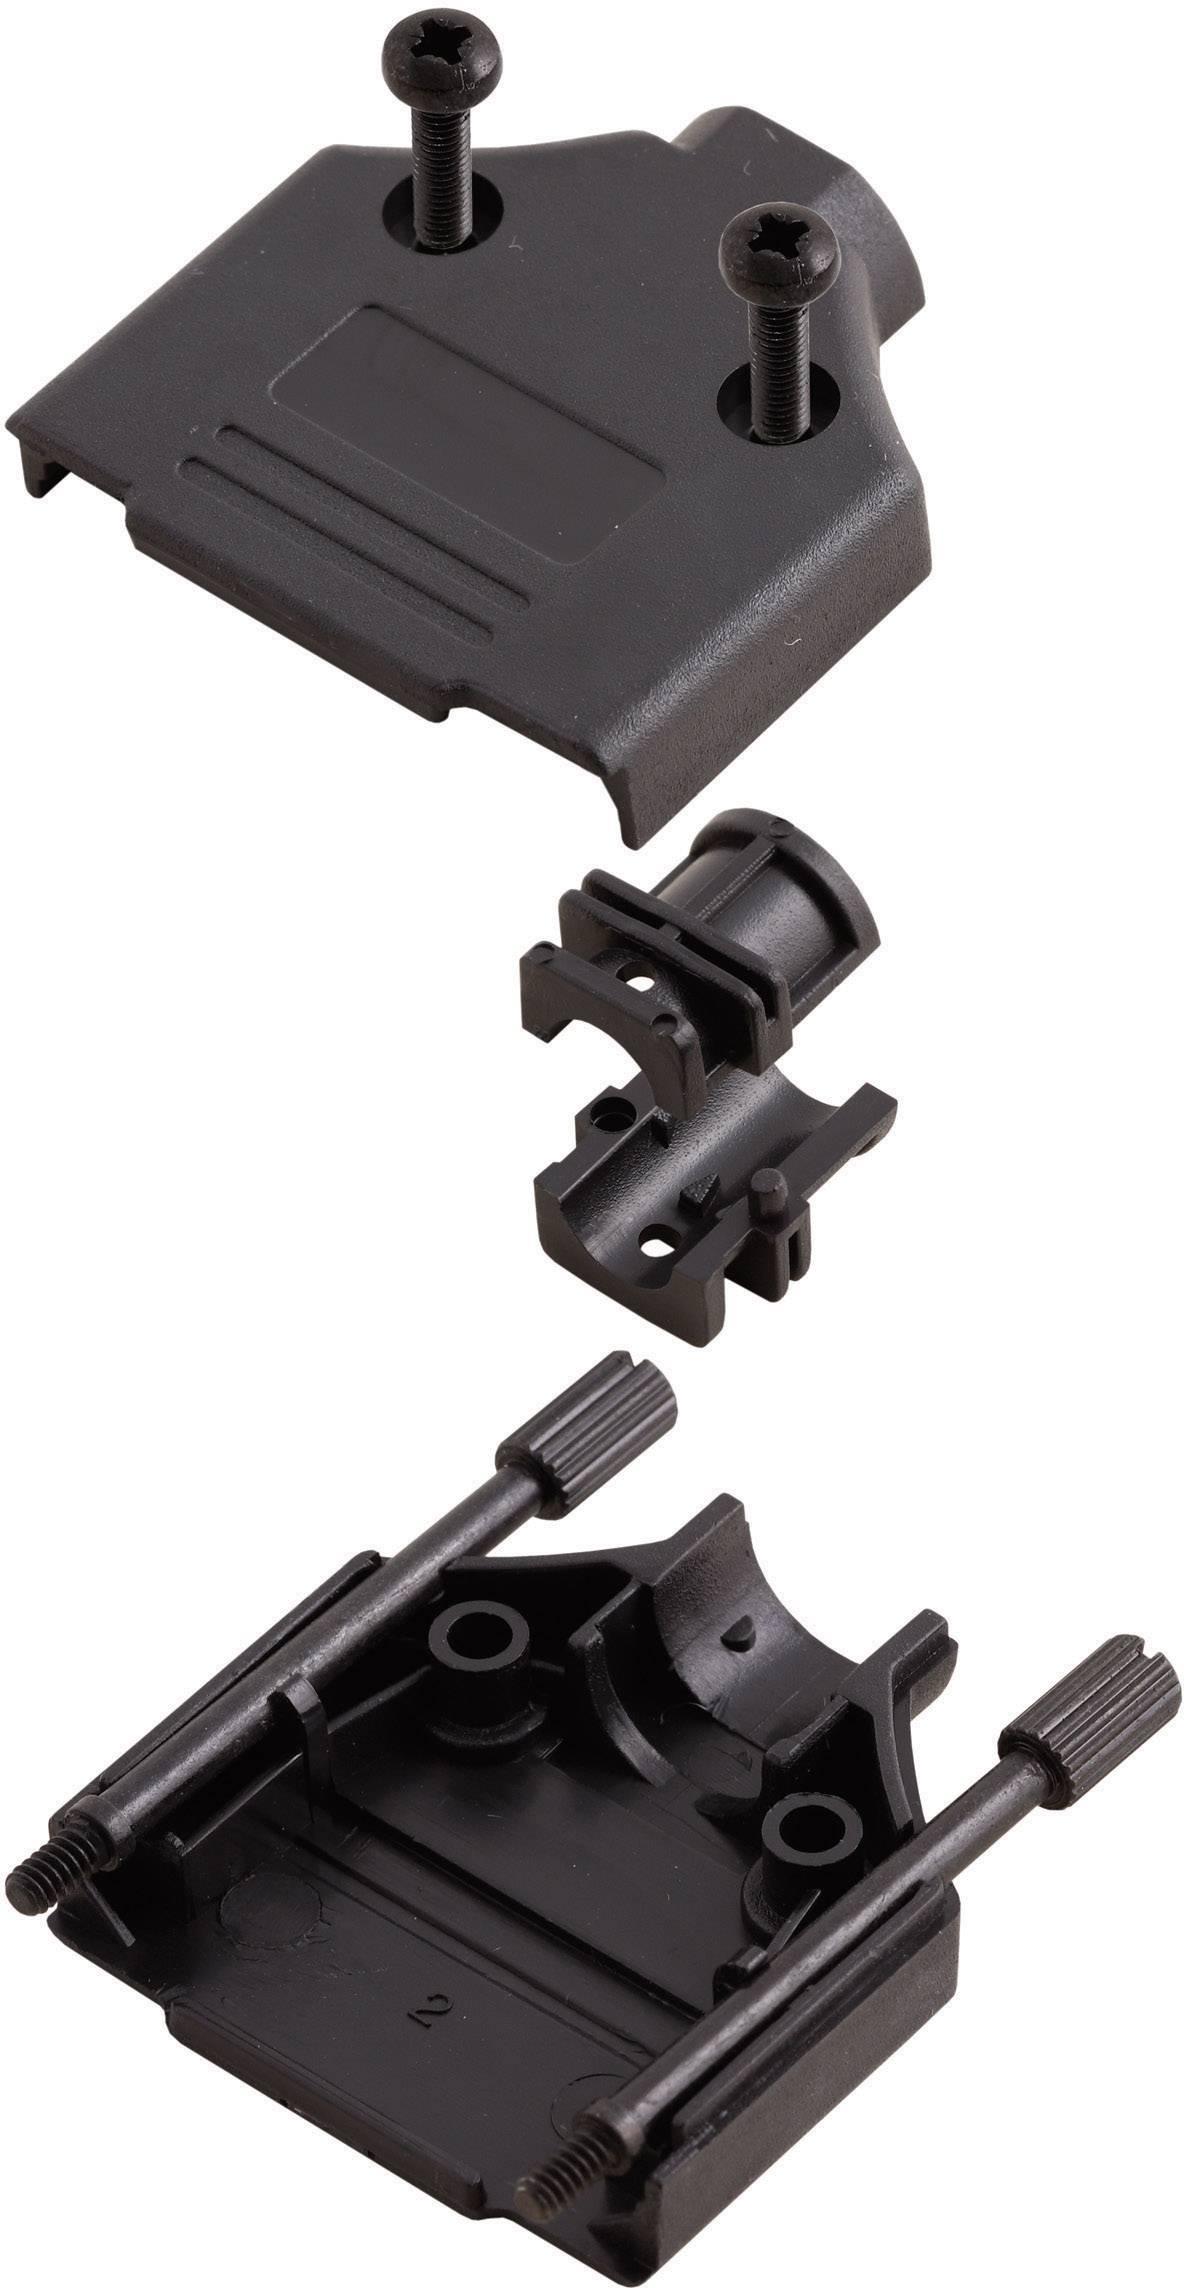 D-SUB púzdro MH Connectors MHDTPPK-15-BK-K 6560-0108-02, počet pinov: 15, plast, 180 °, čierna, 1 ks